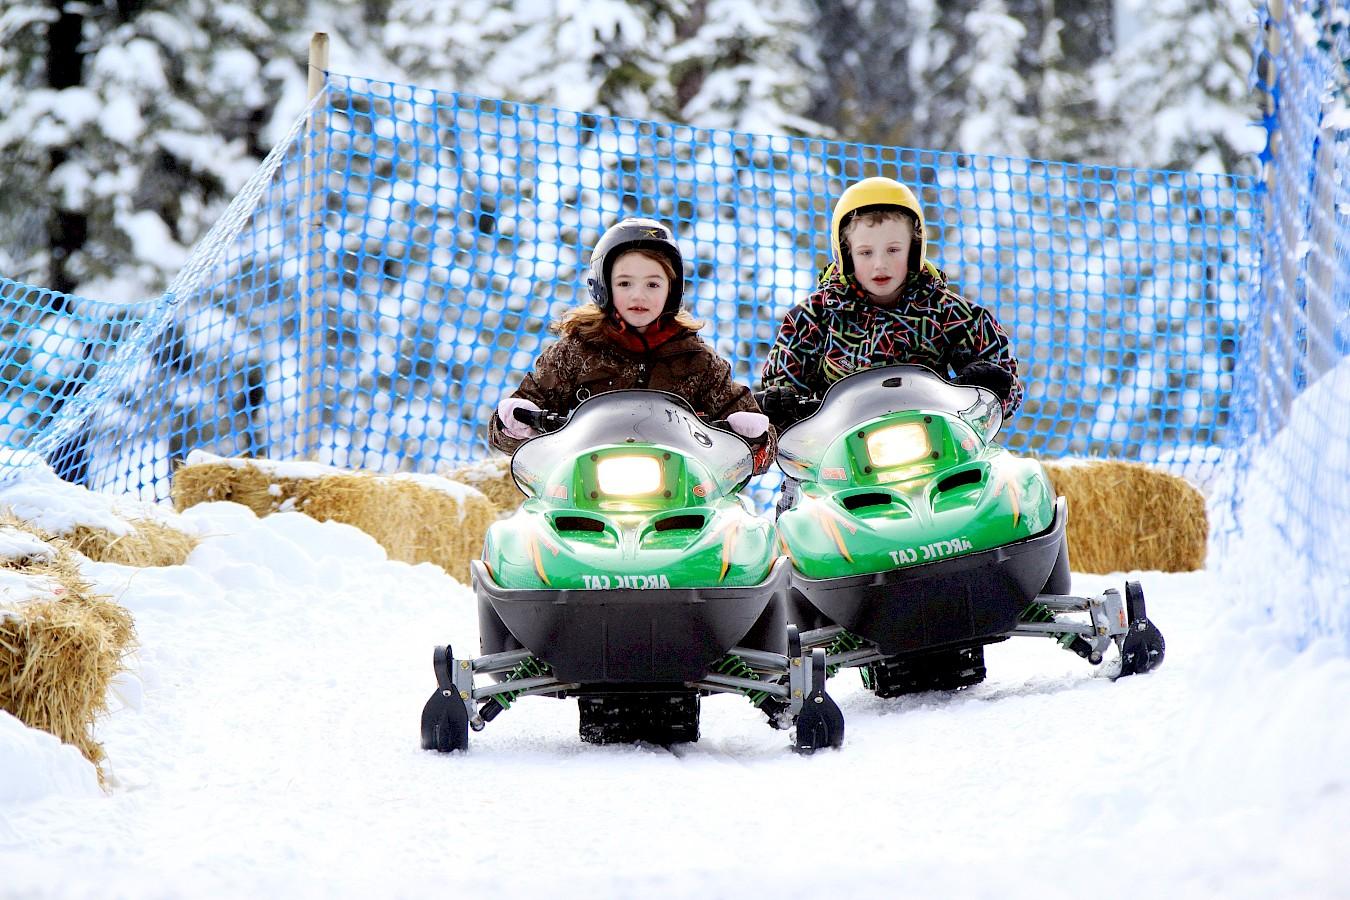 Xe trượt tuyết không yêu cầu bằng lái xe trong phạm vi quy định nên ngay cả trẻ em cũng có thể tự tin chơi